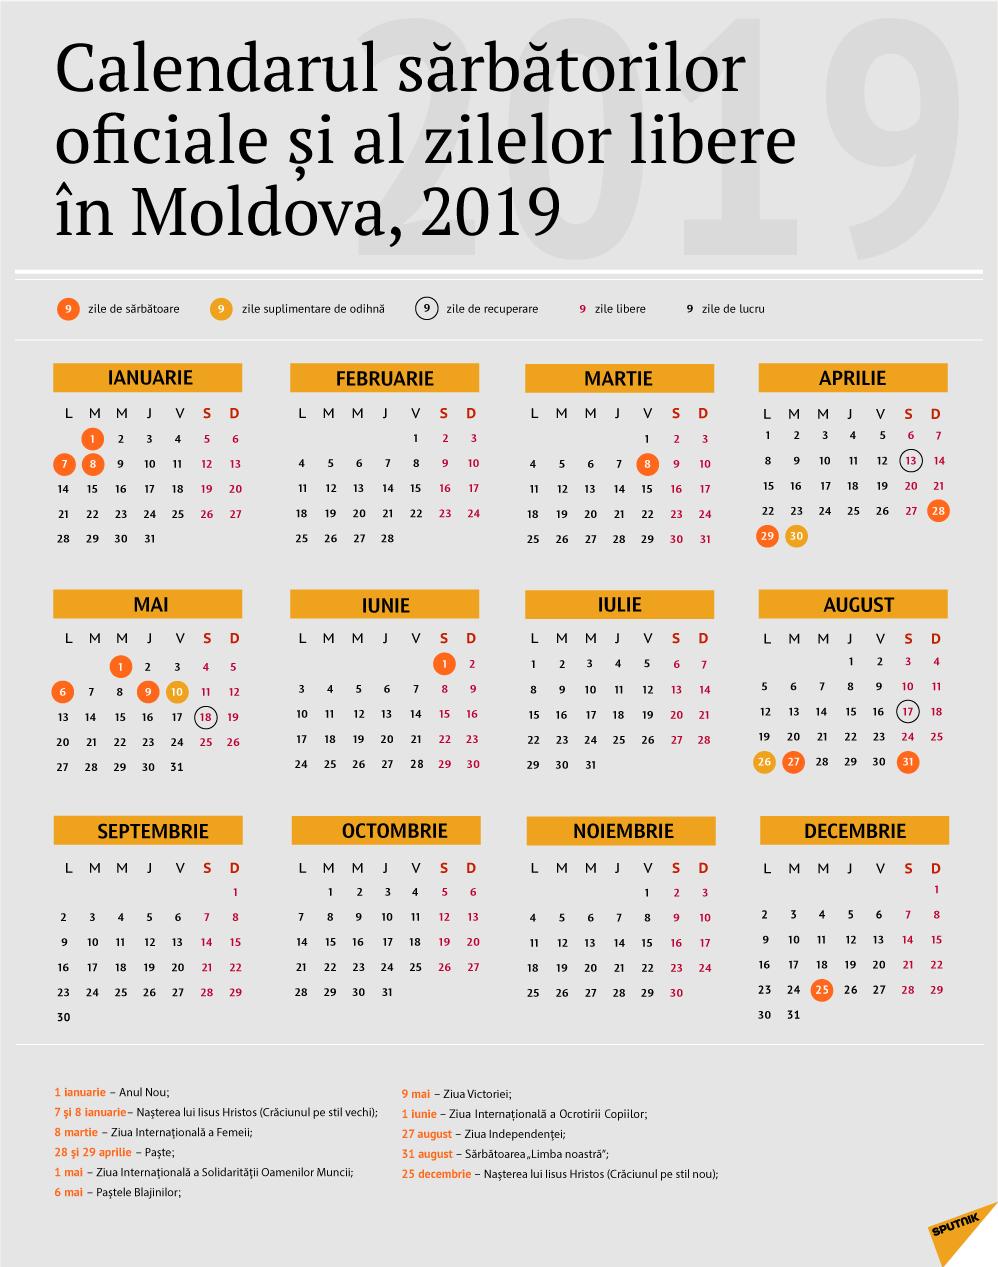 Calendarul Zilelor De Odihnă În Moldova Pentru Anul 2019 Calendar 0Rtodox 2019